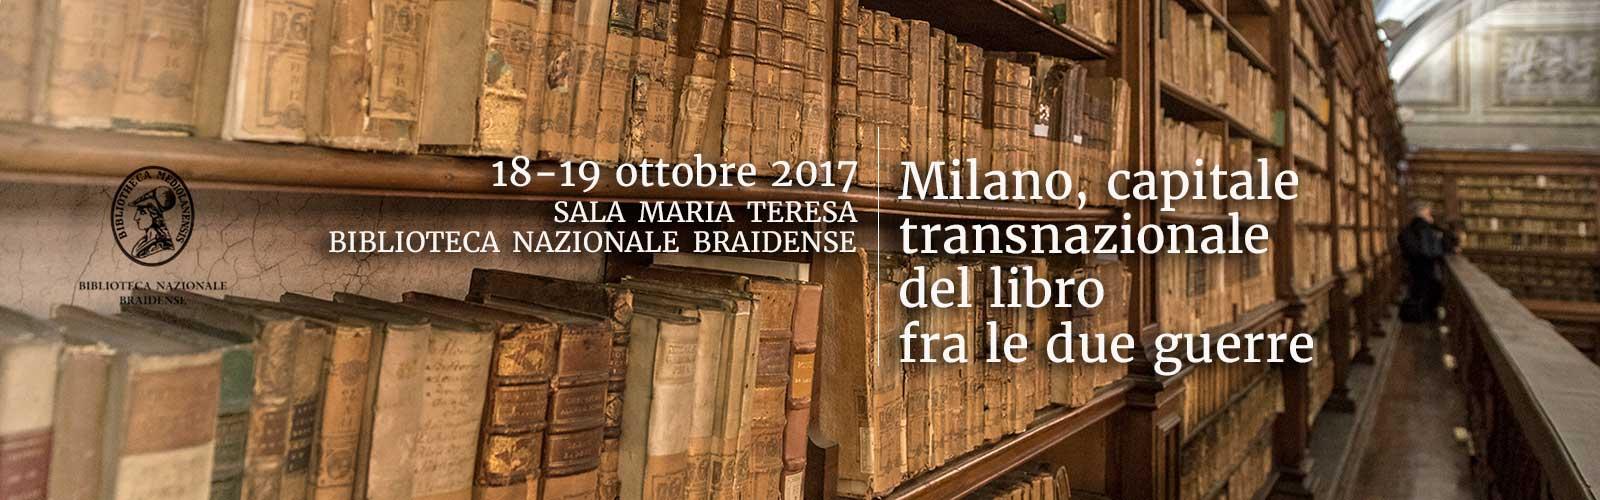 Milano, capitale transnazionale del libro fra le due guerre